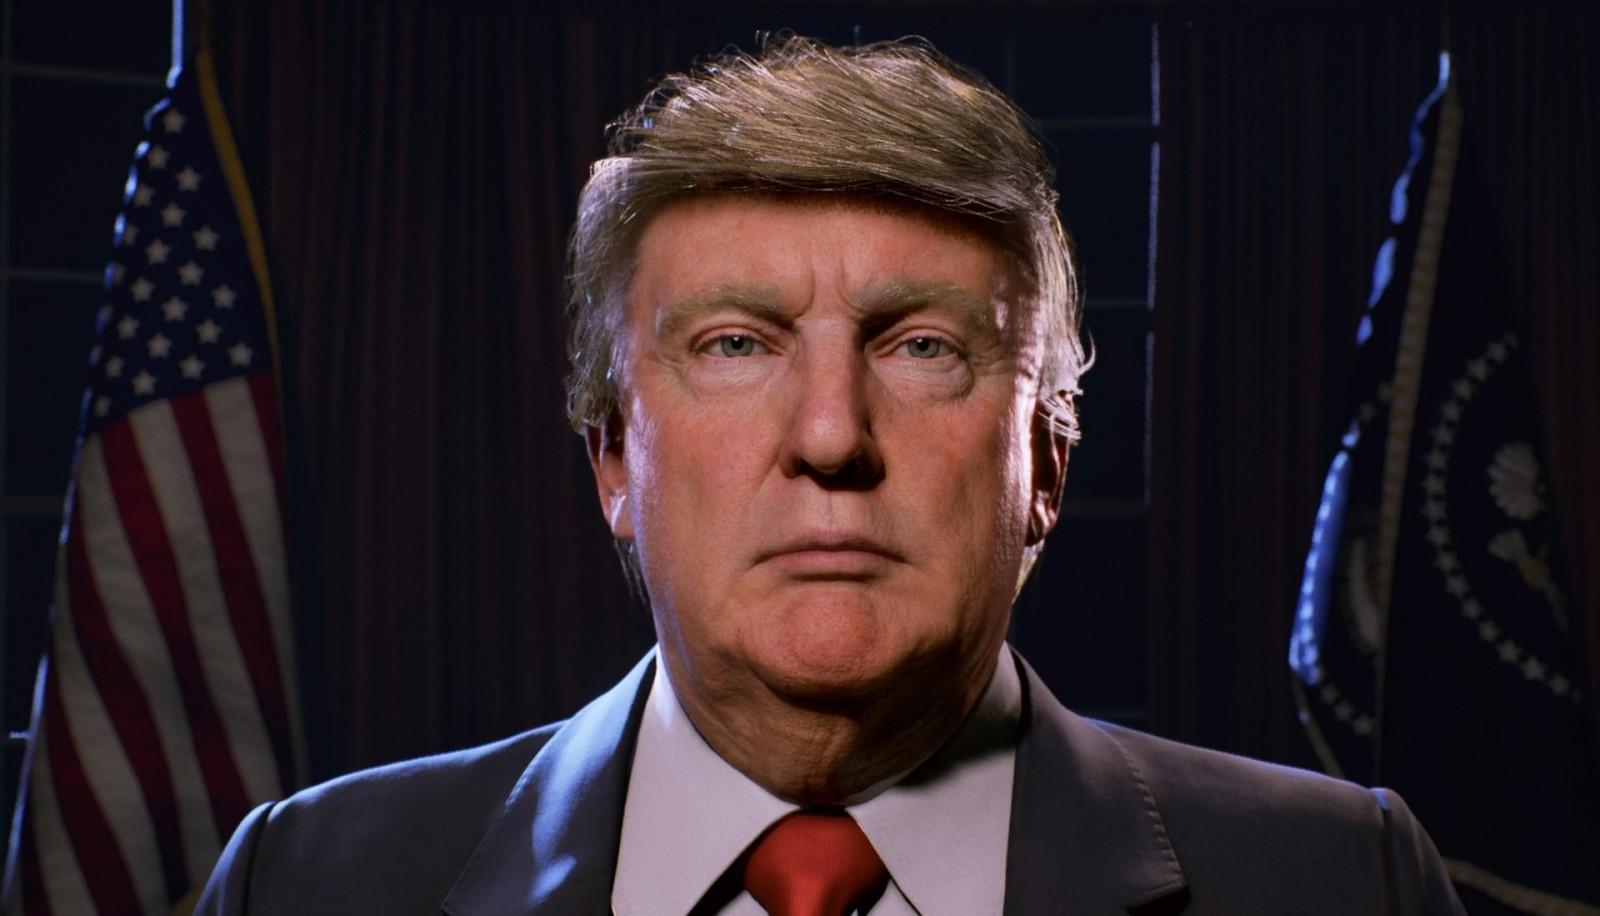 В проекте Wide Awake можно будет посмотреть вблизи на нового президента США